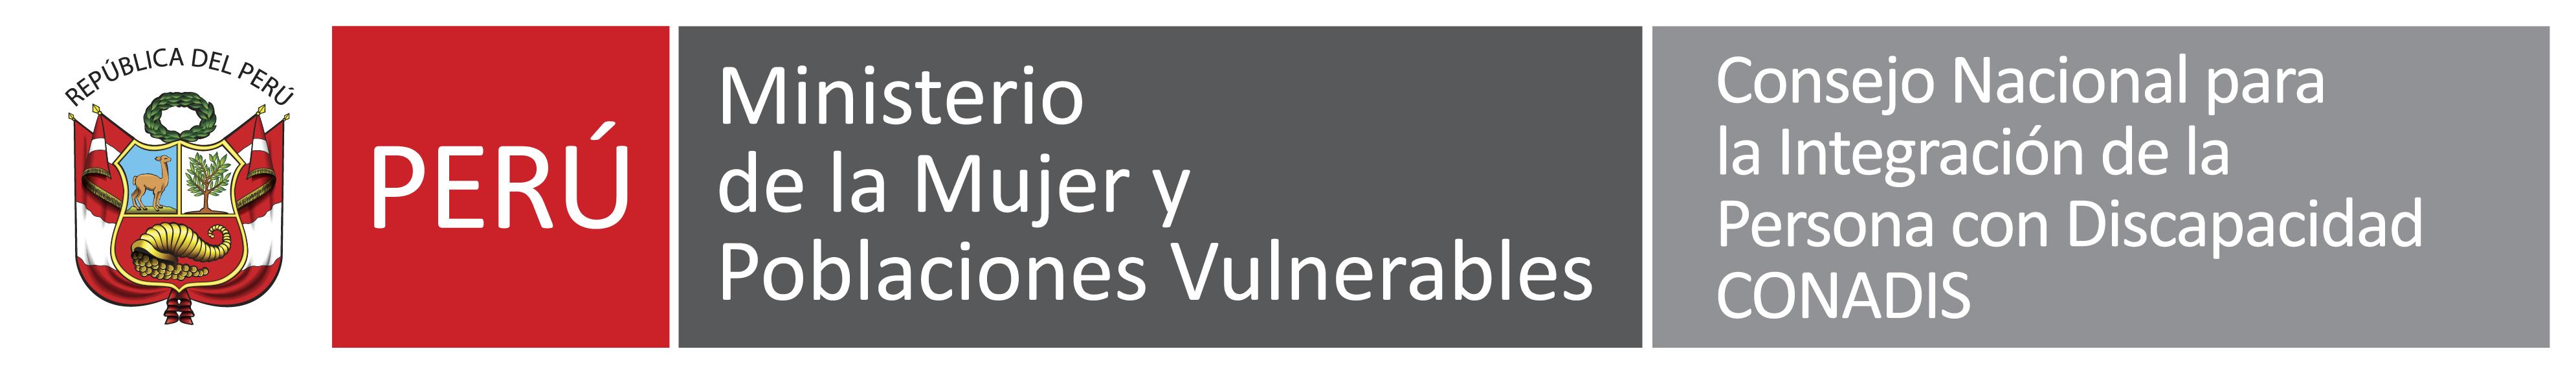 Consejo Nacional para la Integración de la Persona con Discapacidad - CONADIS